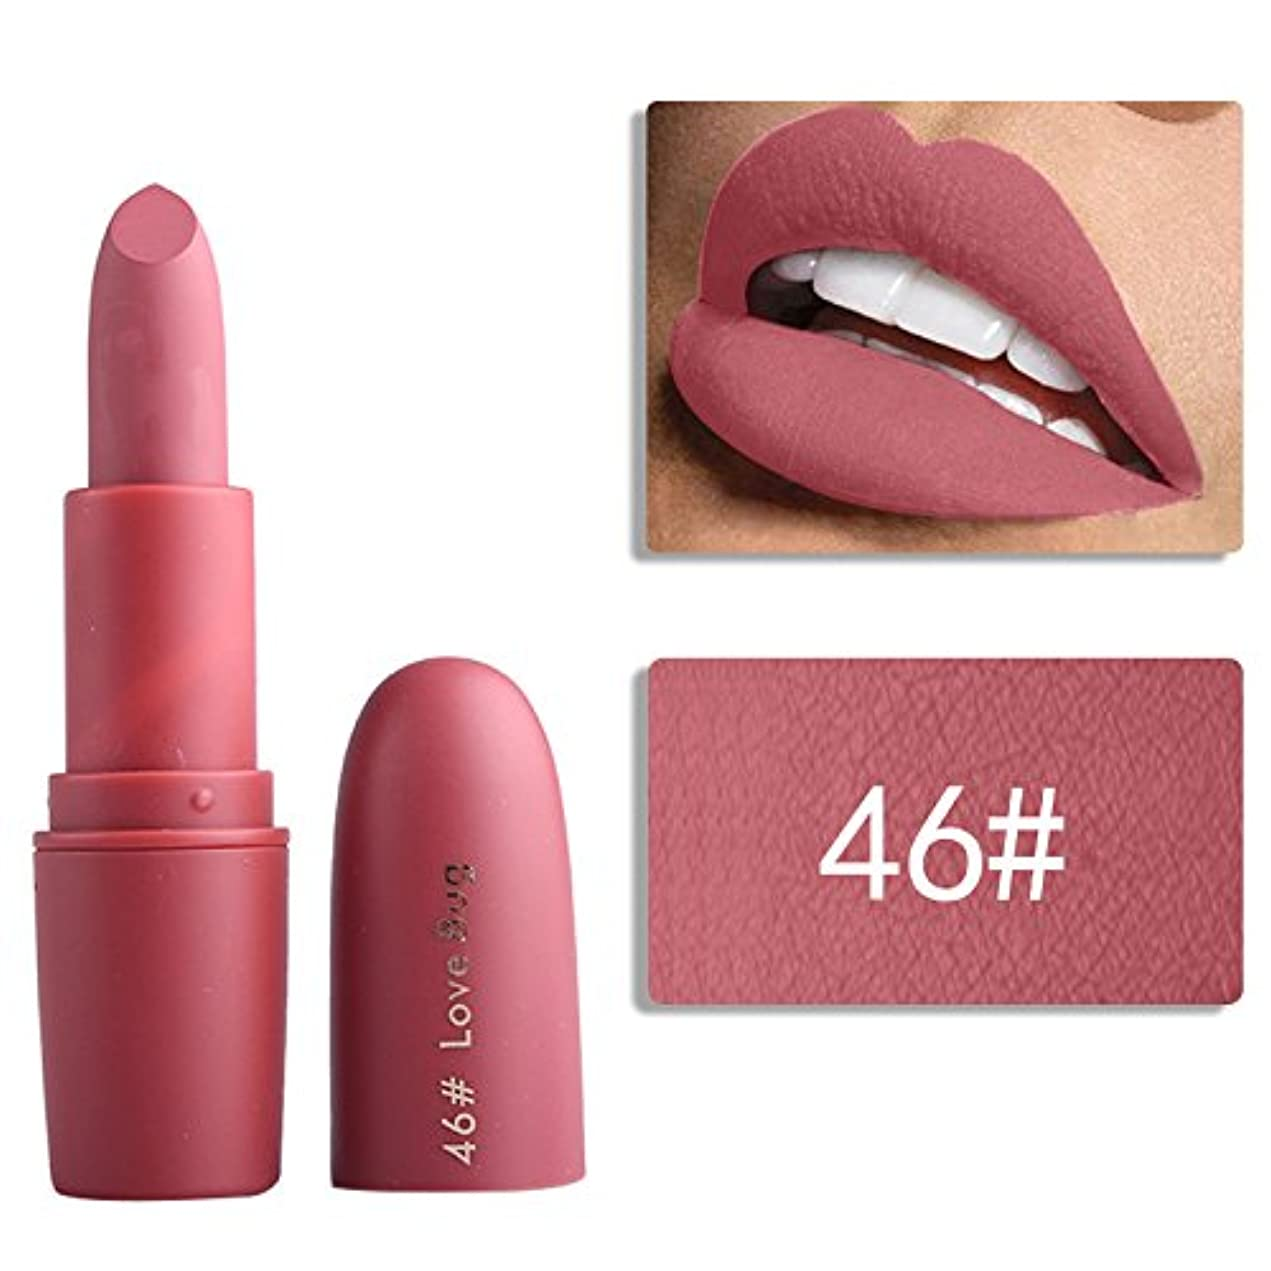 誓い作り上げる要求するMiss Rose Nude Lipstick 22 colors Waterproof Vampire Brown Beauty Baby Lips Batom Matte lipstick Makeup Tats Eugenie Margherita